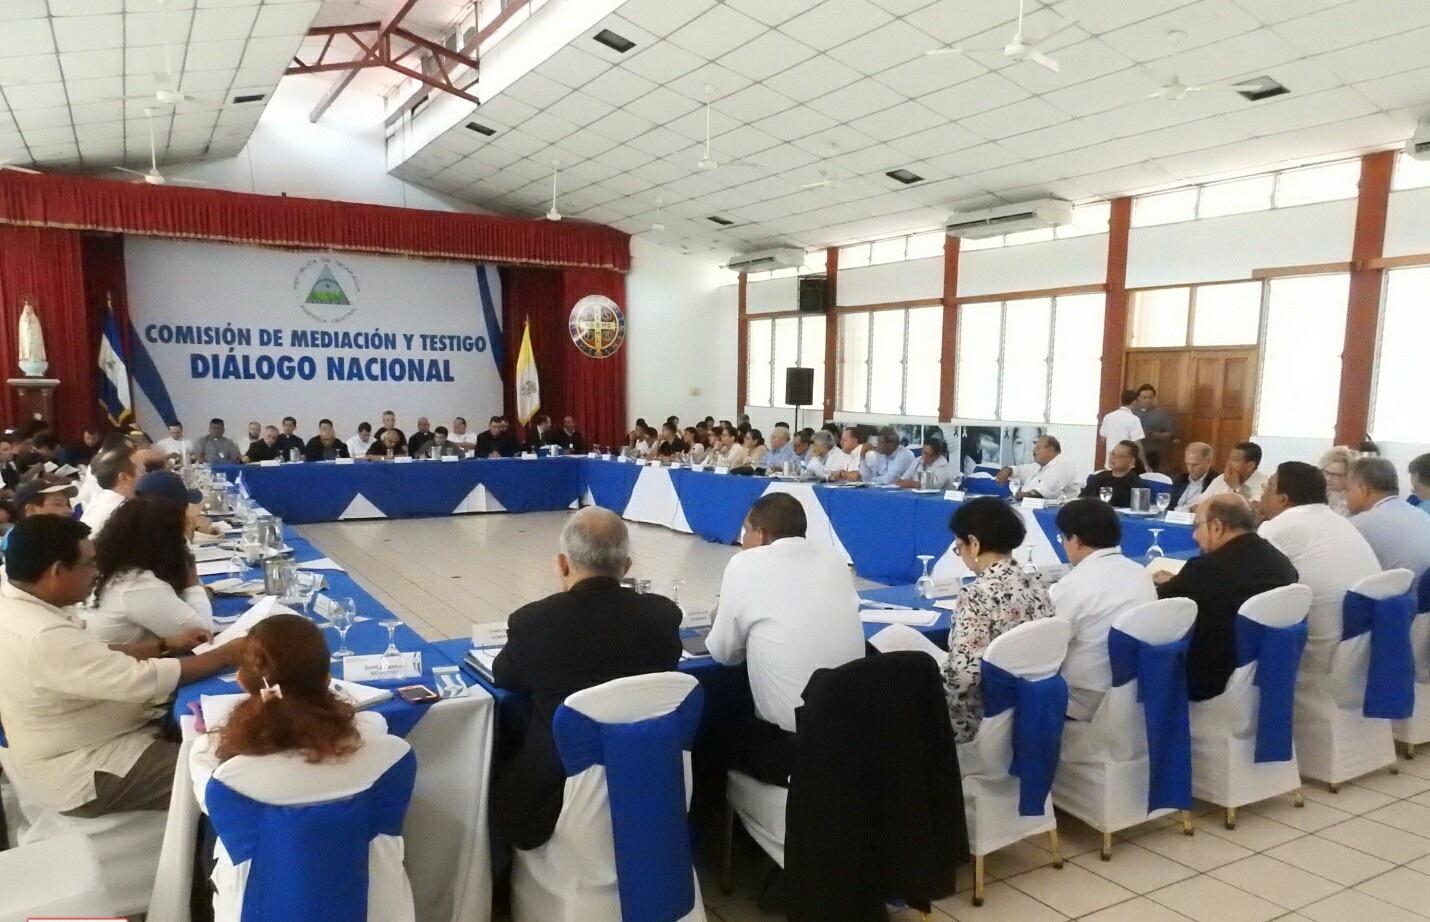 Diálogo acuerda implementar recomendaciones de la CIDH